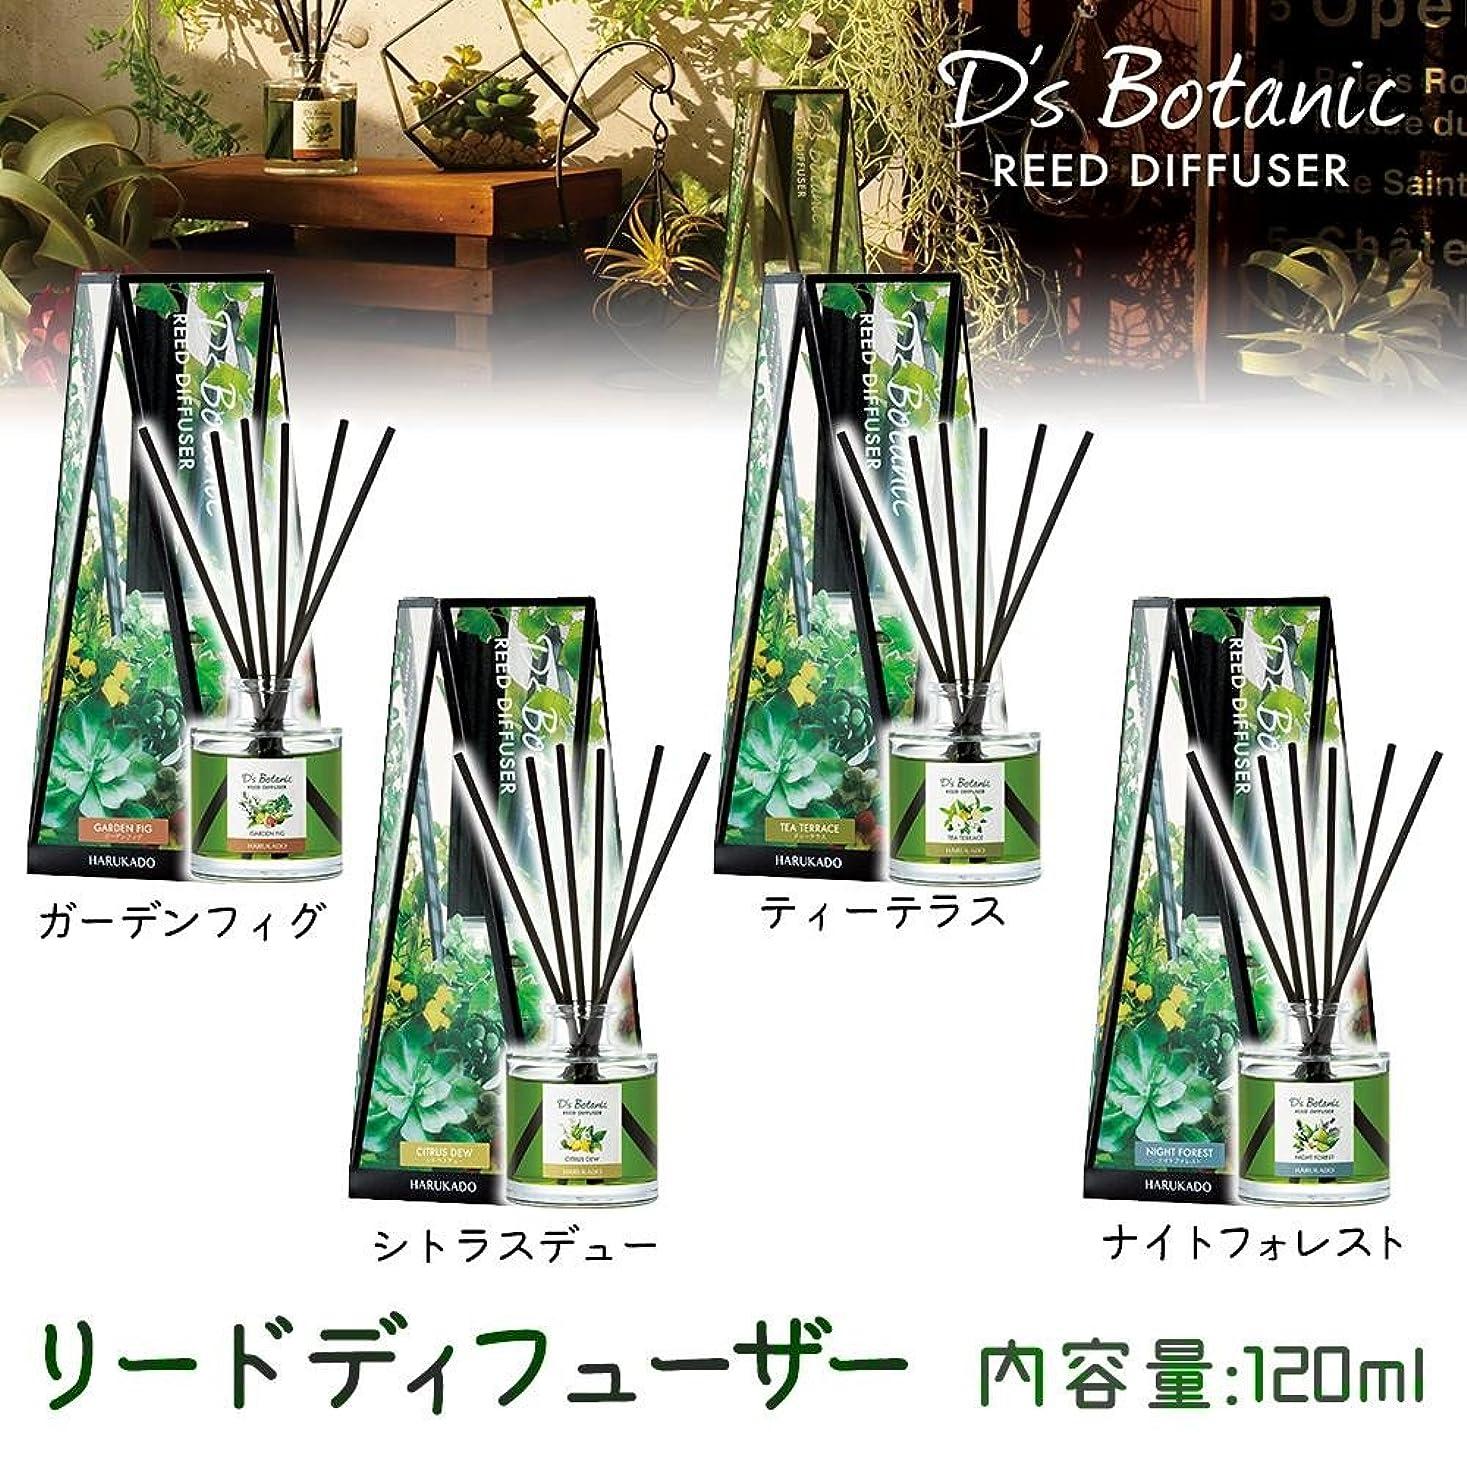 D'S Botanic(デイズボタニック) リードディフューザー ルームフレグランス 120ml ガーデンフィグ?6228【人気 おすすめ 】